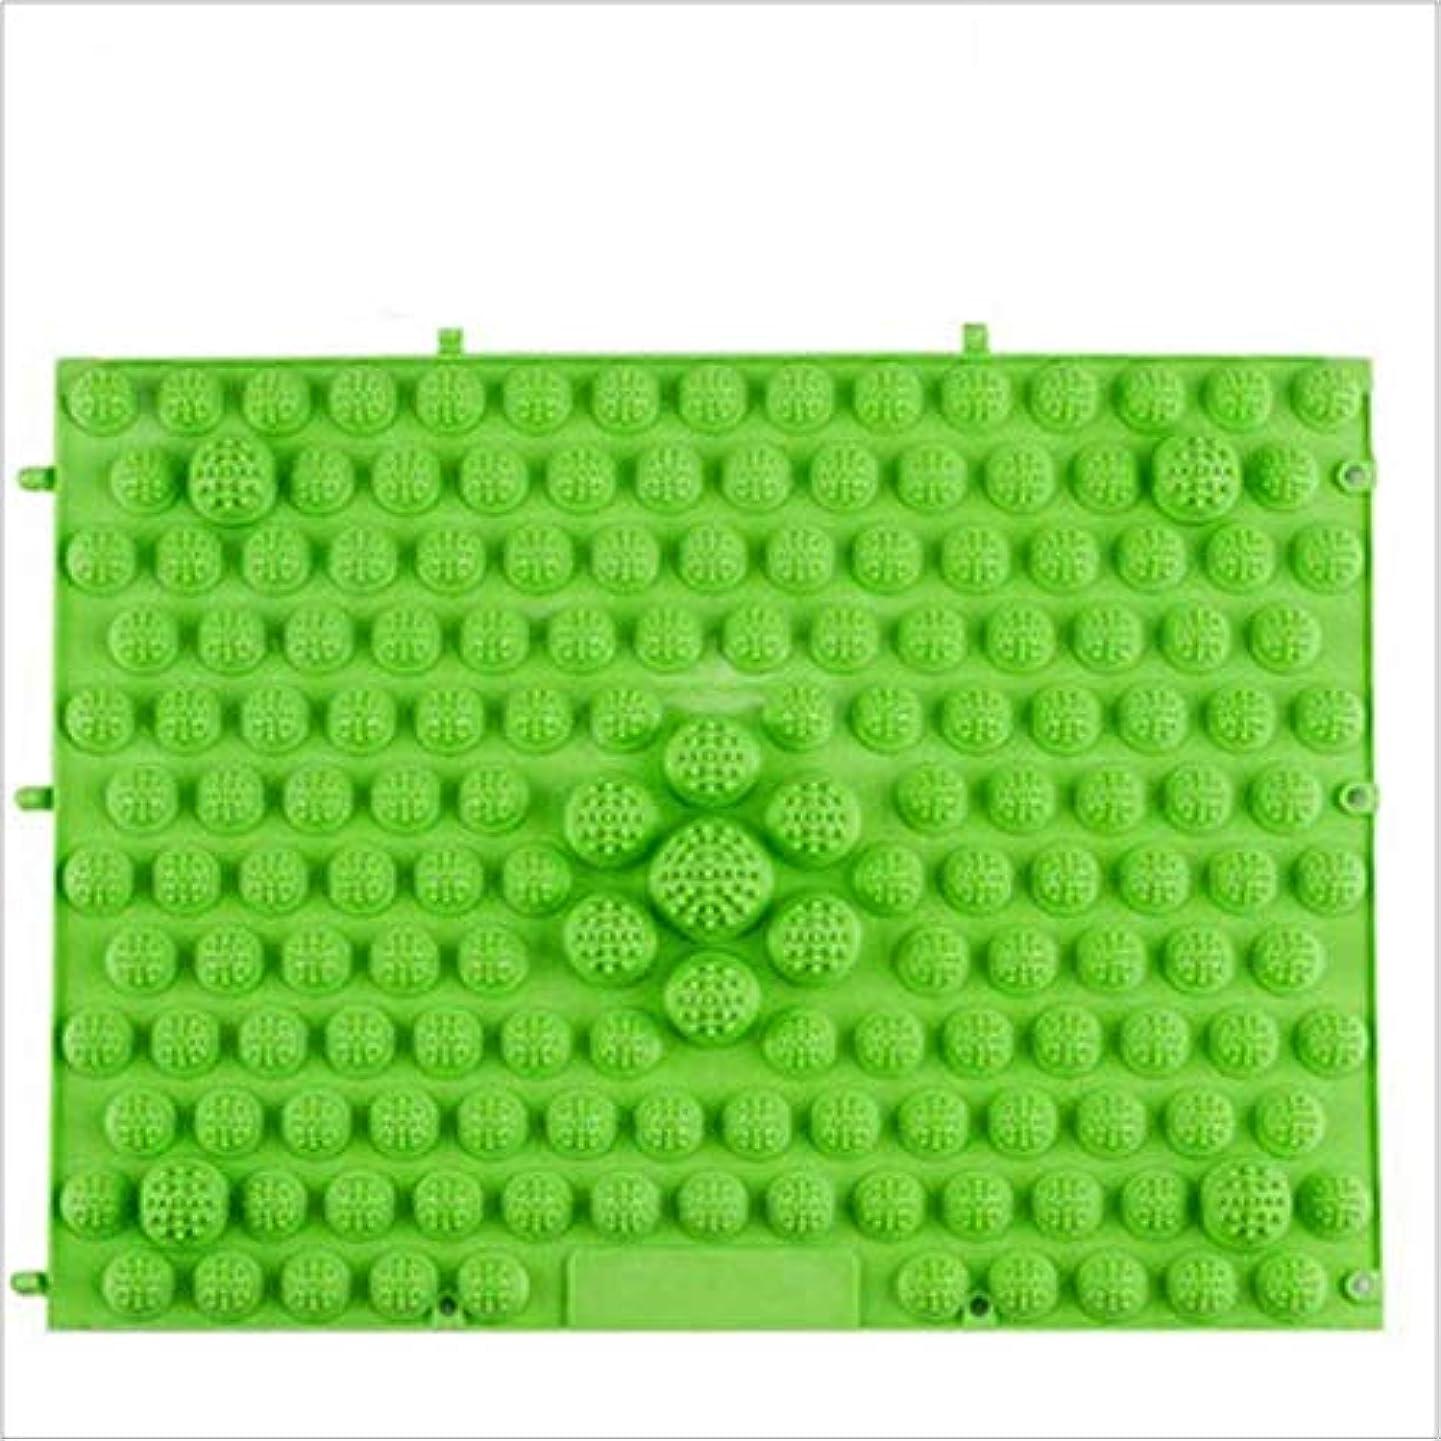 バナナ誇りに思う面積ウォークマット 裏板セット(ABS樹脂製補強板付き) (グリーン)